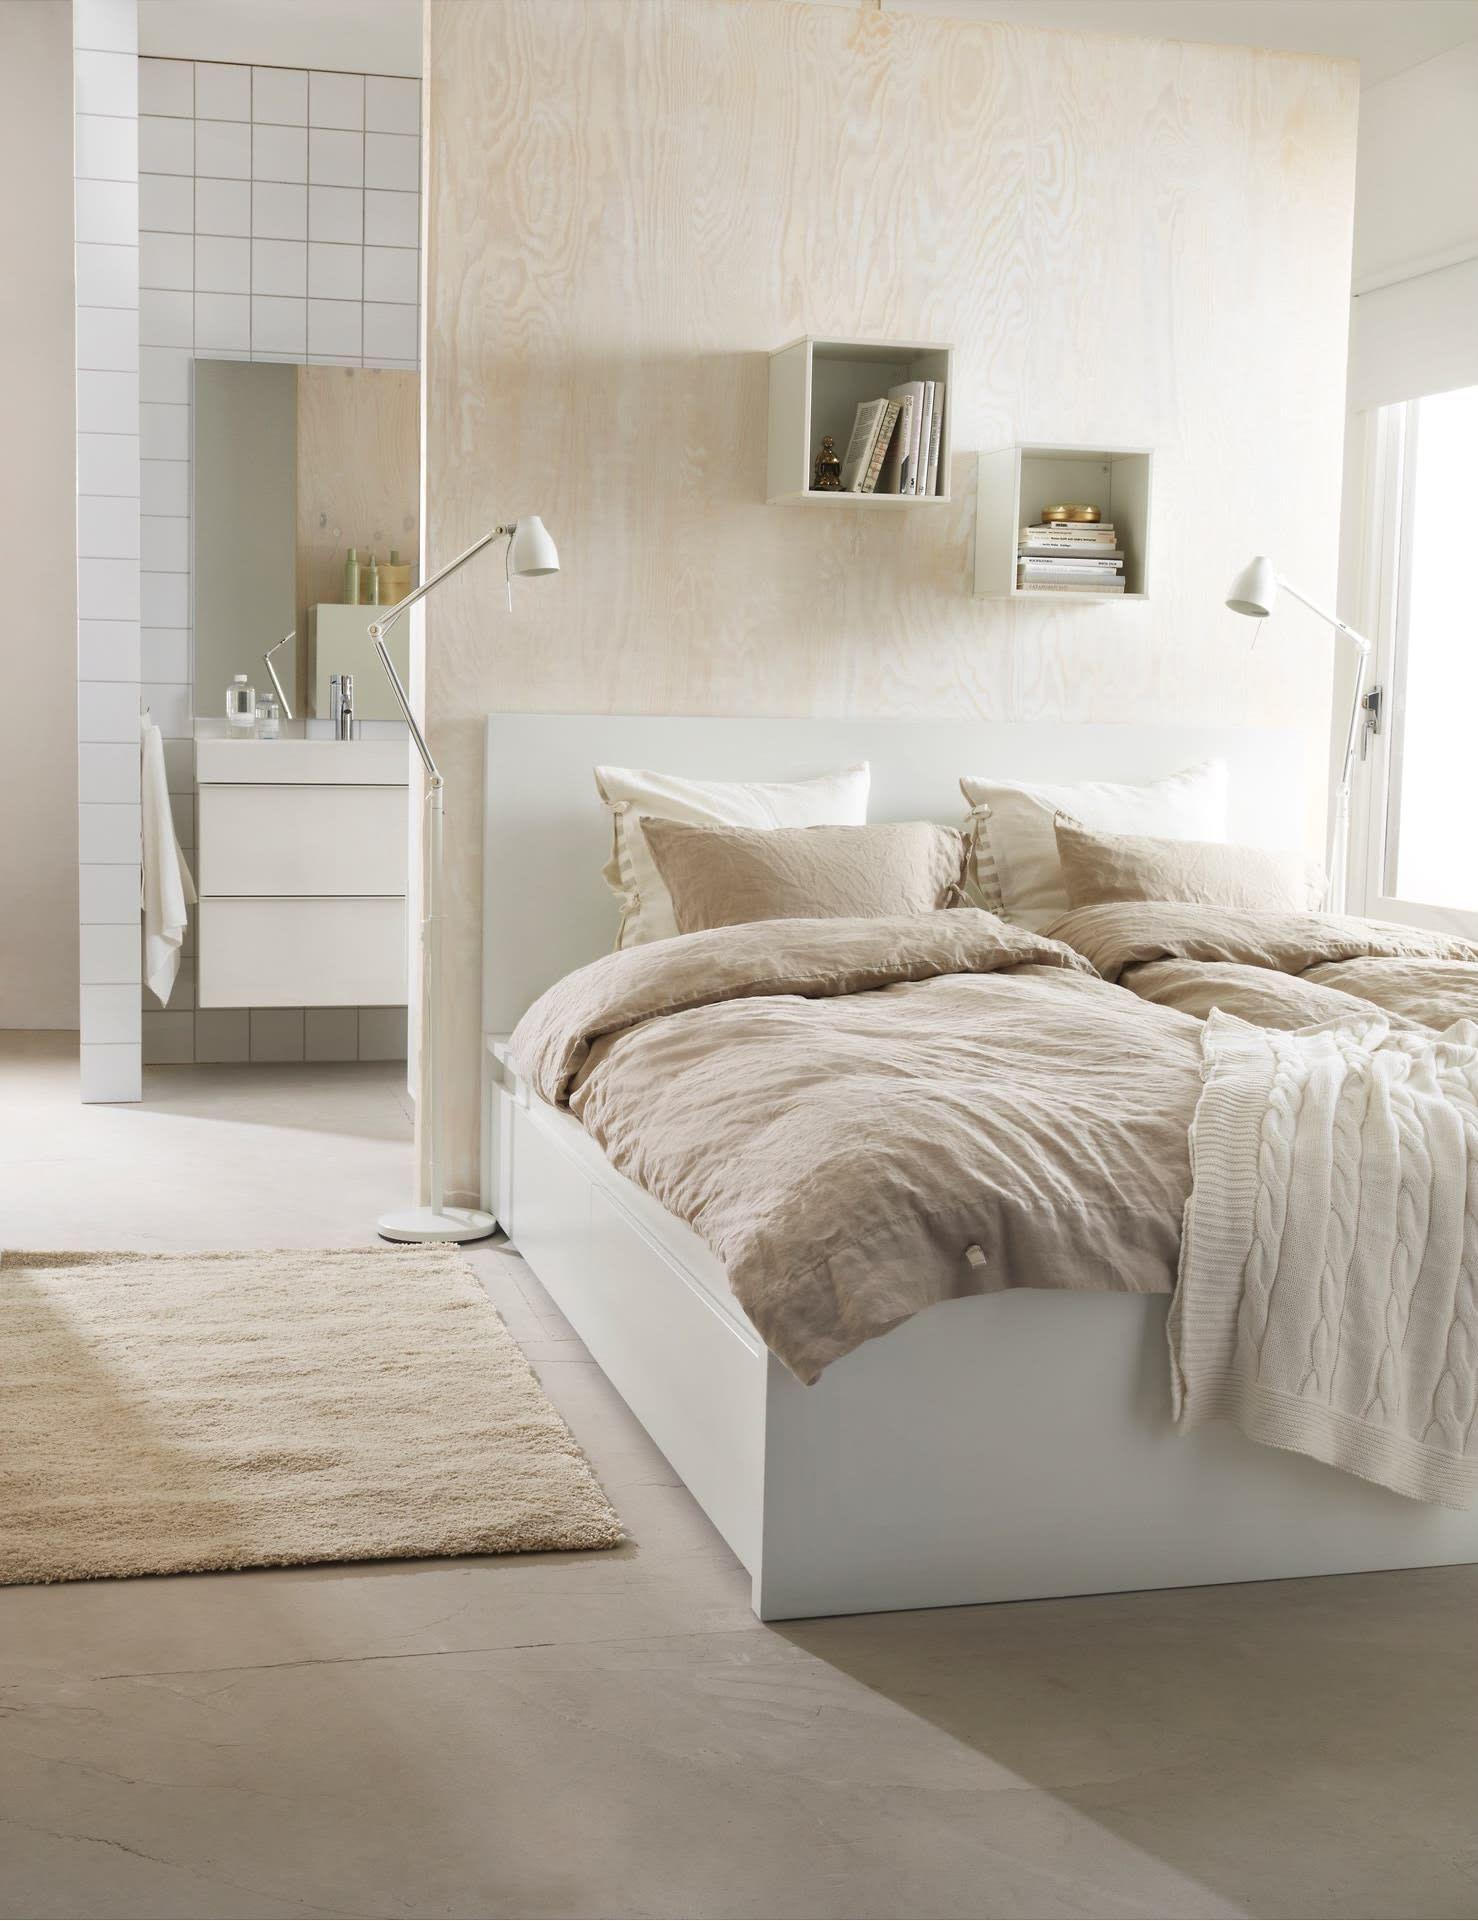 Bedroom Vintage Wooden Ikea Malm Platform Bed Set On Laminate